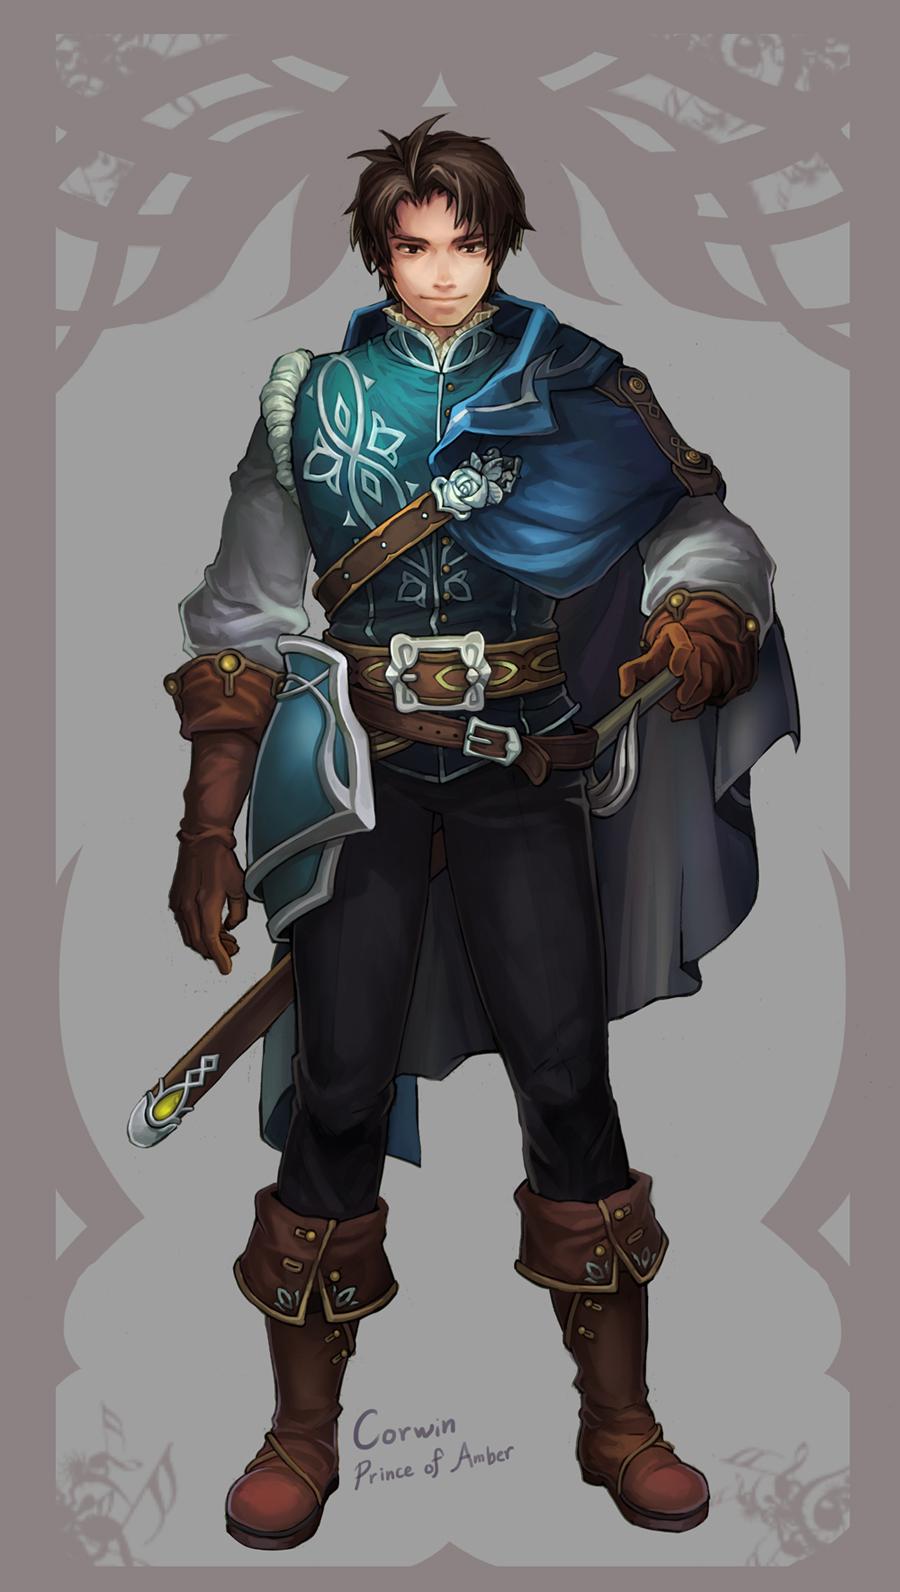 Prince Corwin by Mushstone